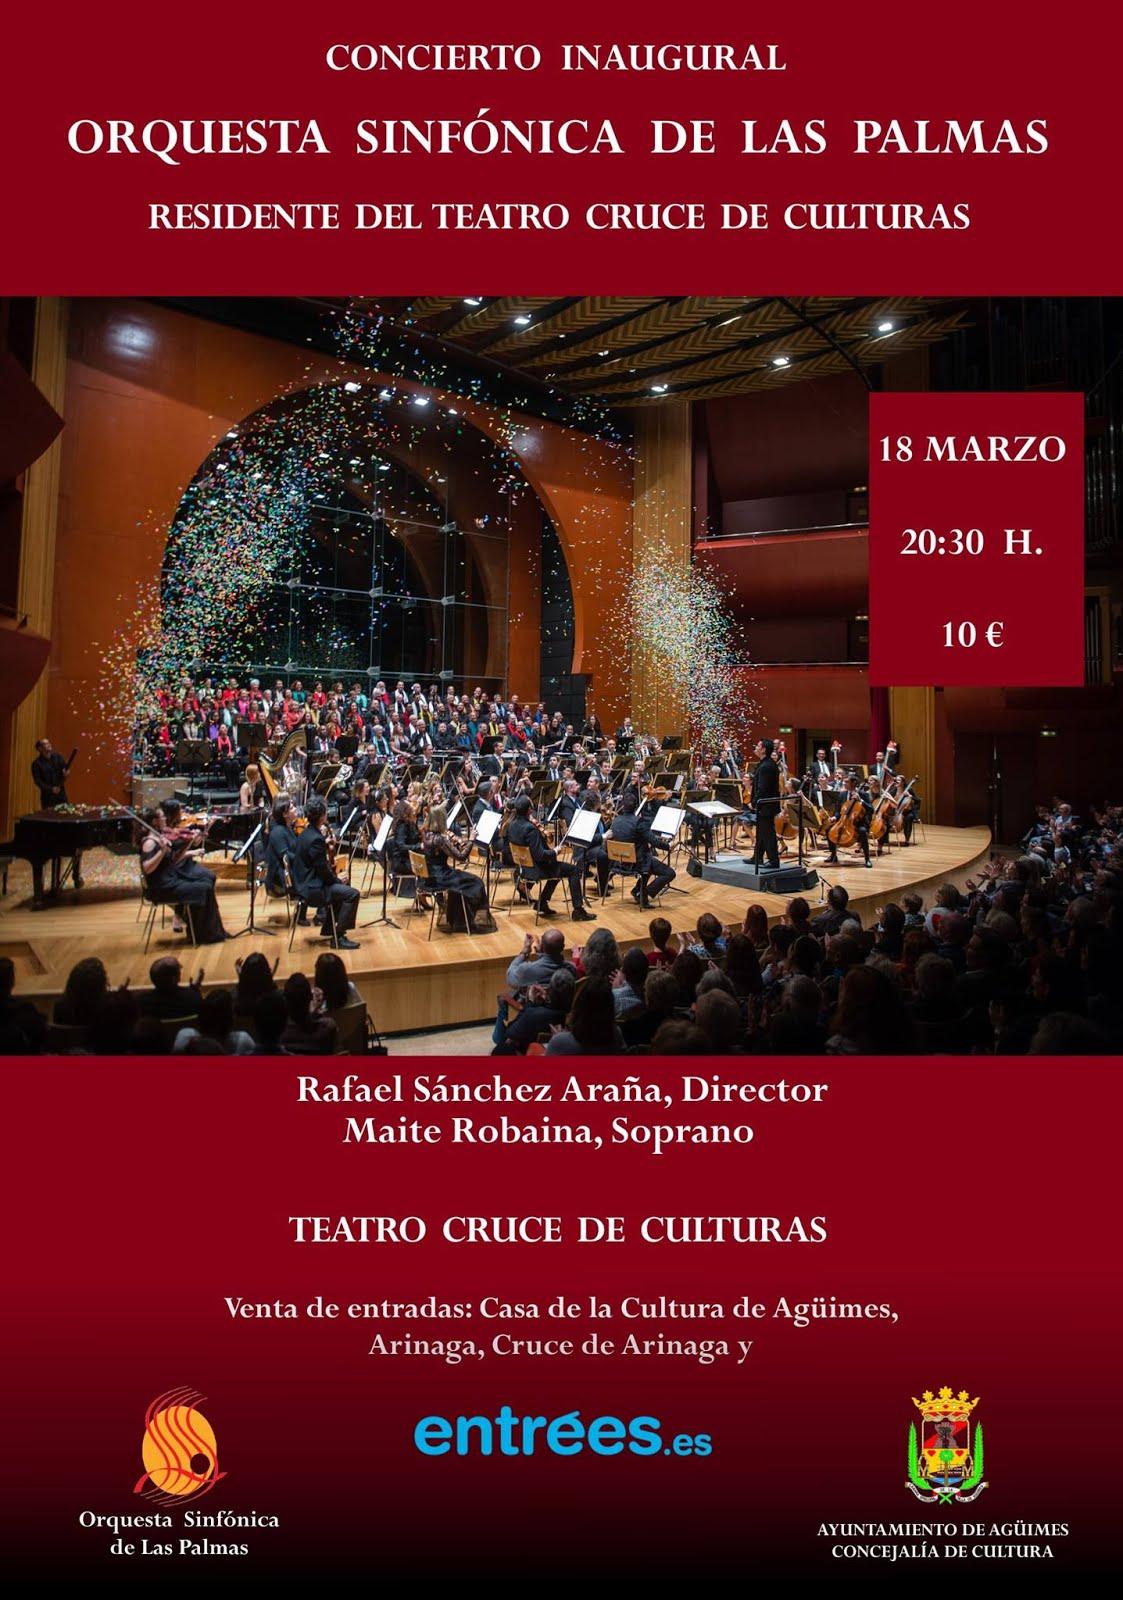 Orquesta Sinfónica de Las Palmas Residente del Teatro Cruce de Culturas